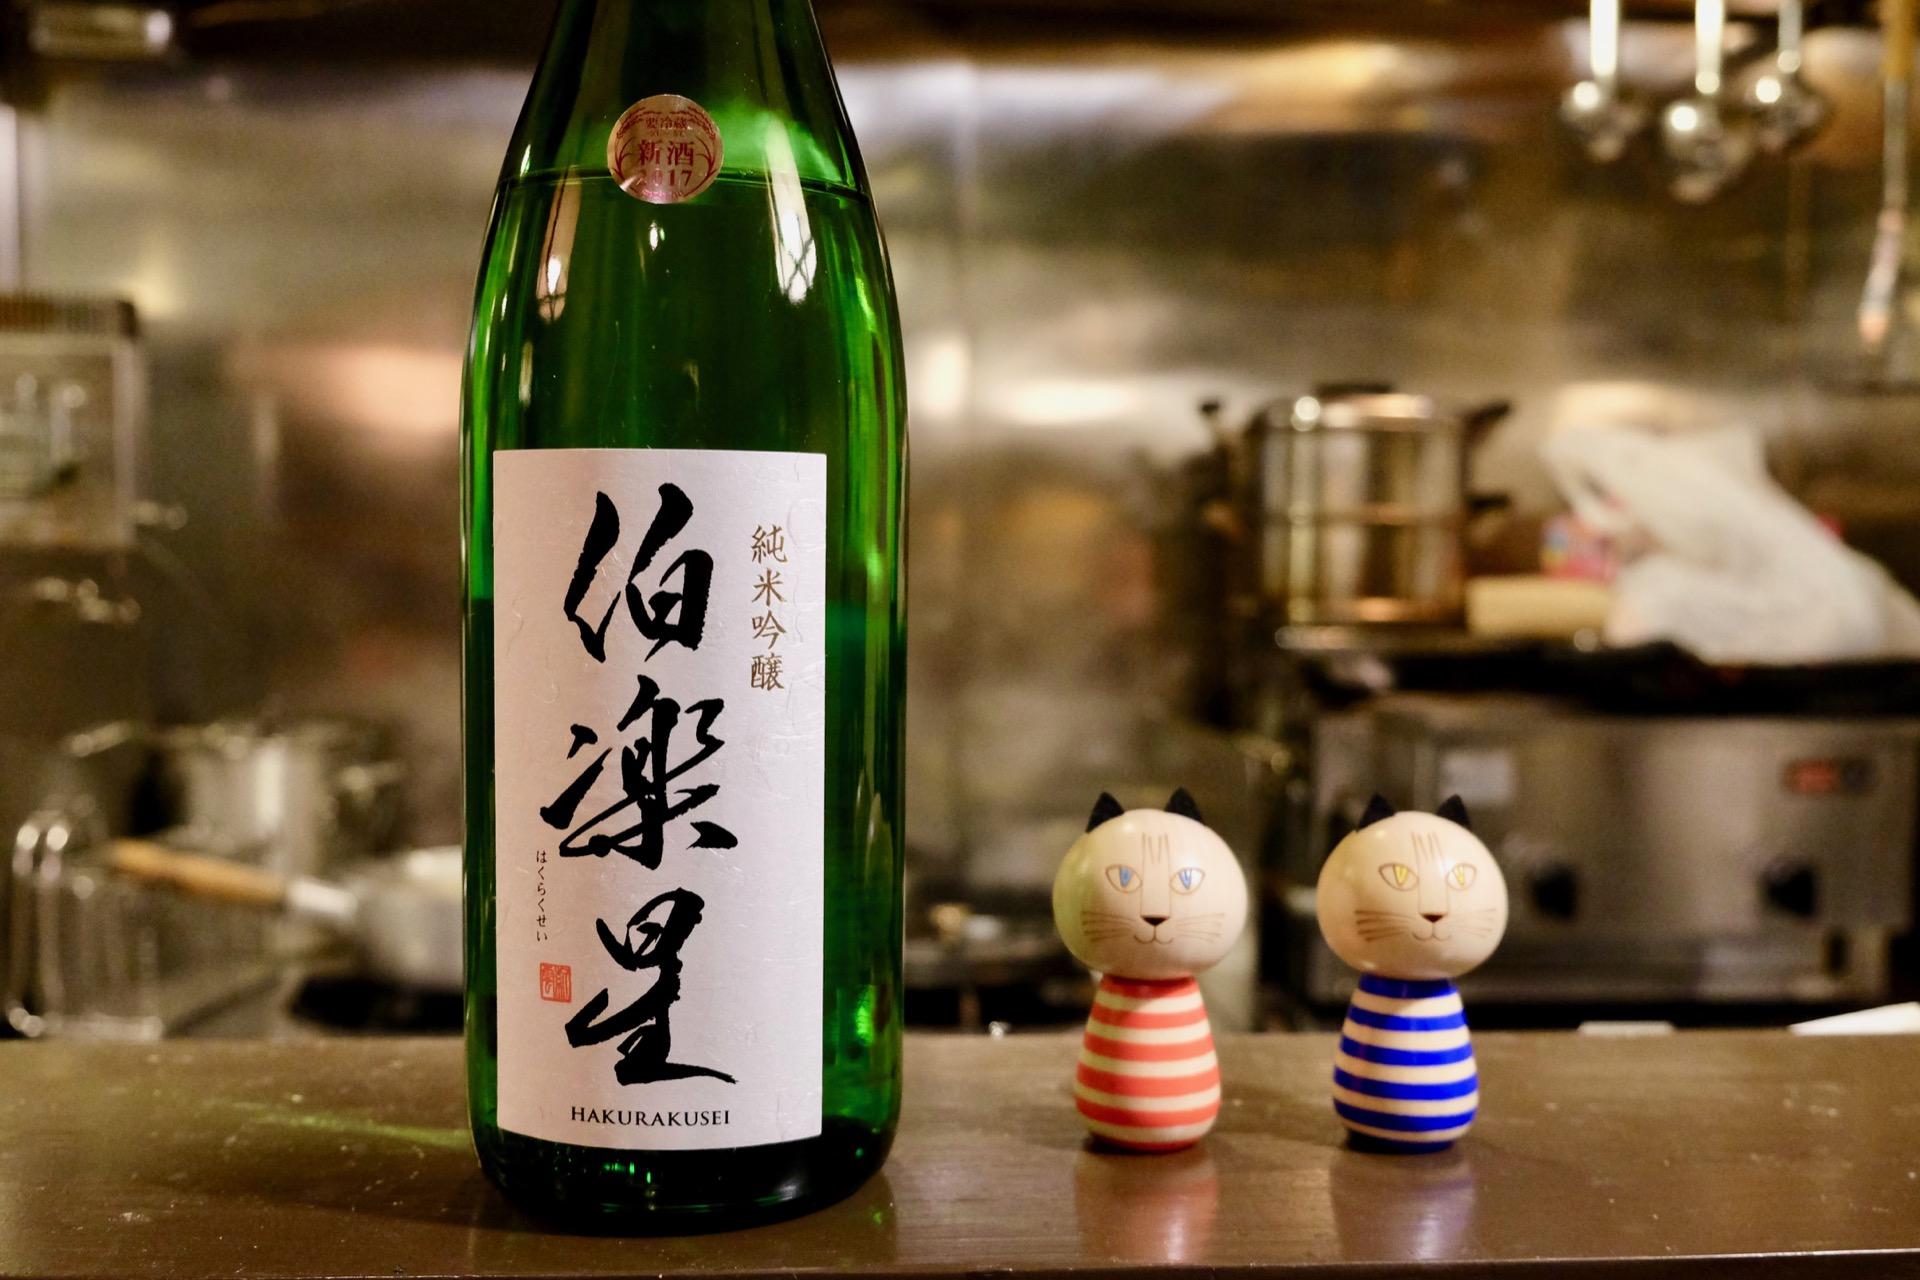 伯楽星 純米吟醸|日本酒テイスティングノート